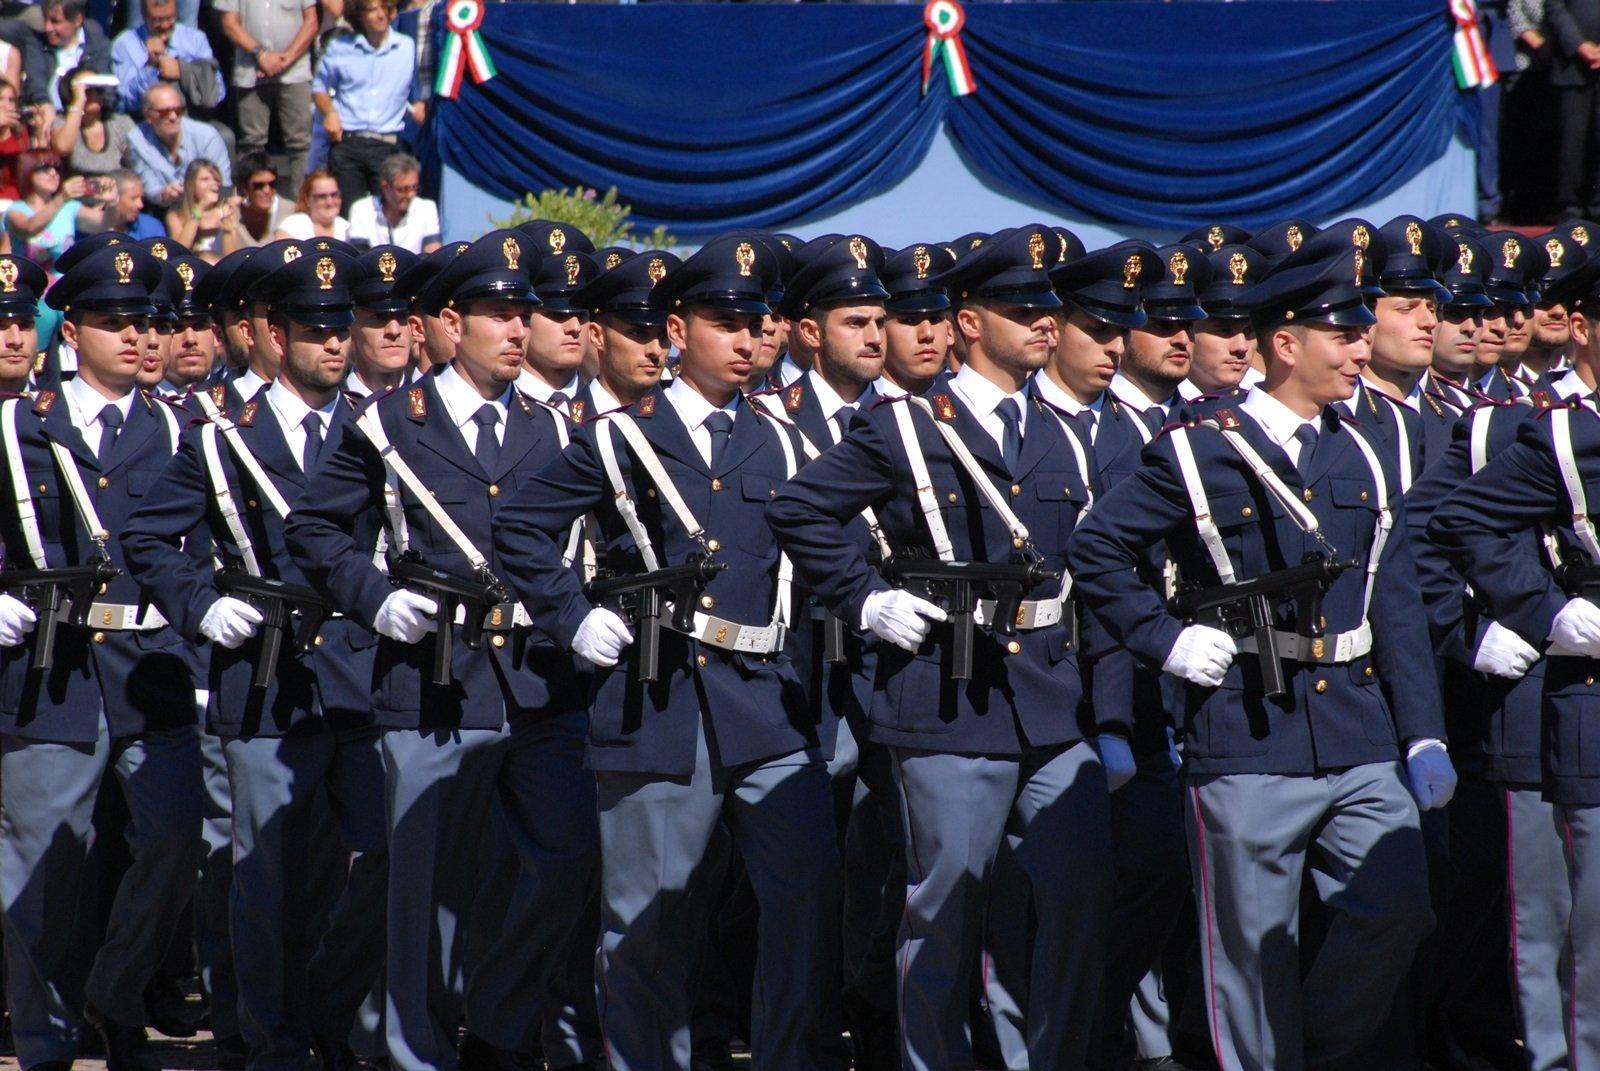 Scorrimento 1851 Allievi Agenti Polizia di Stato: passa l'emendamento, l'incubo è finito